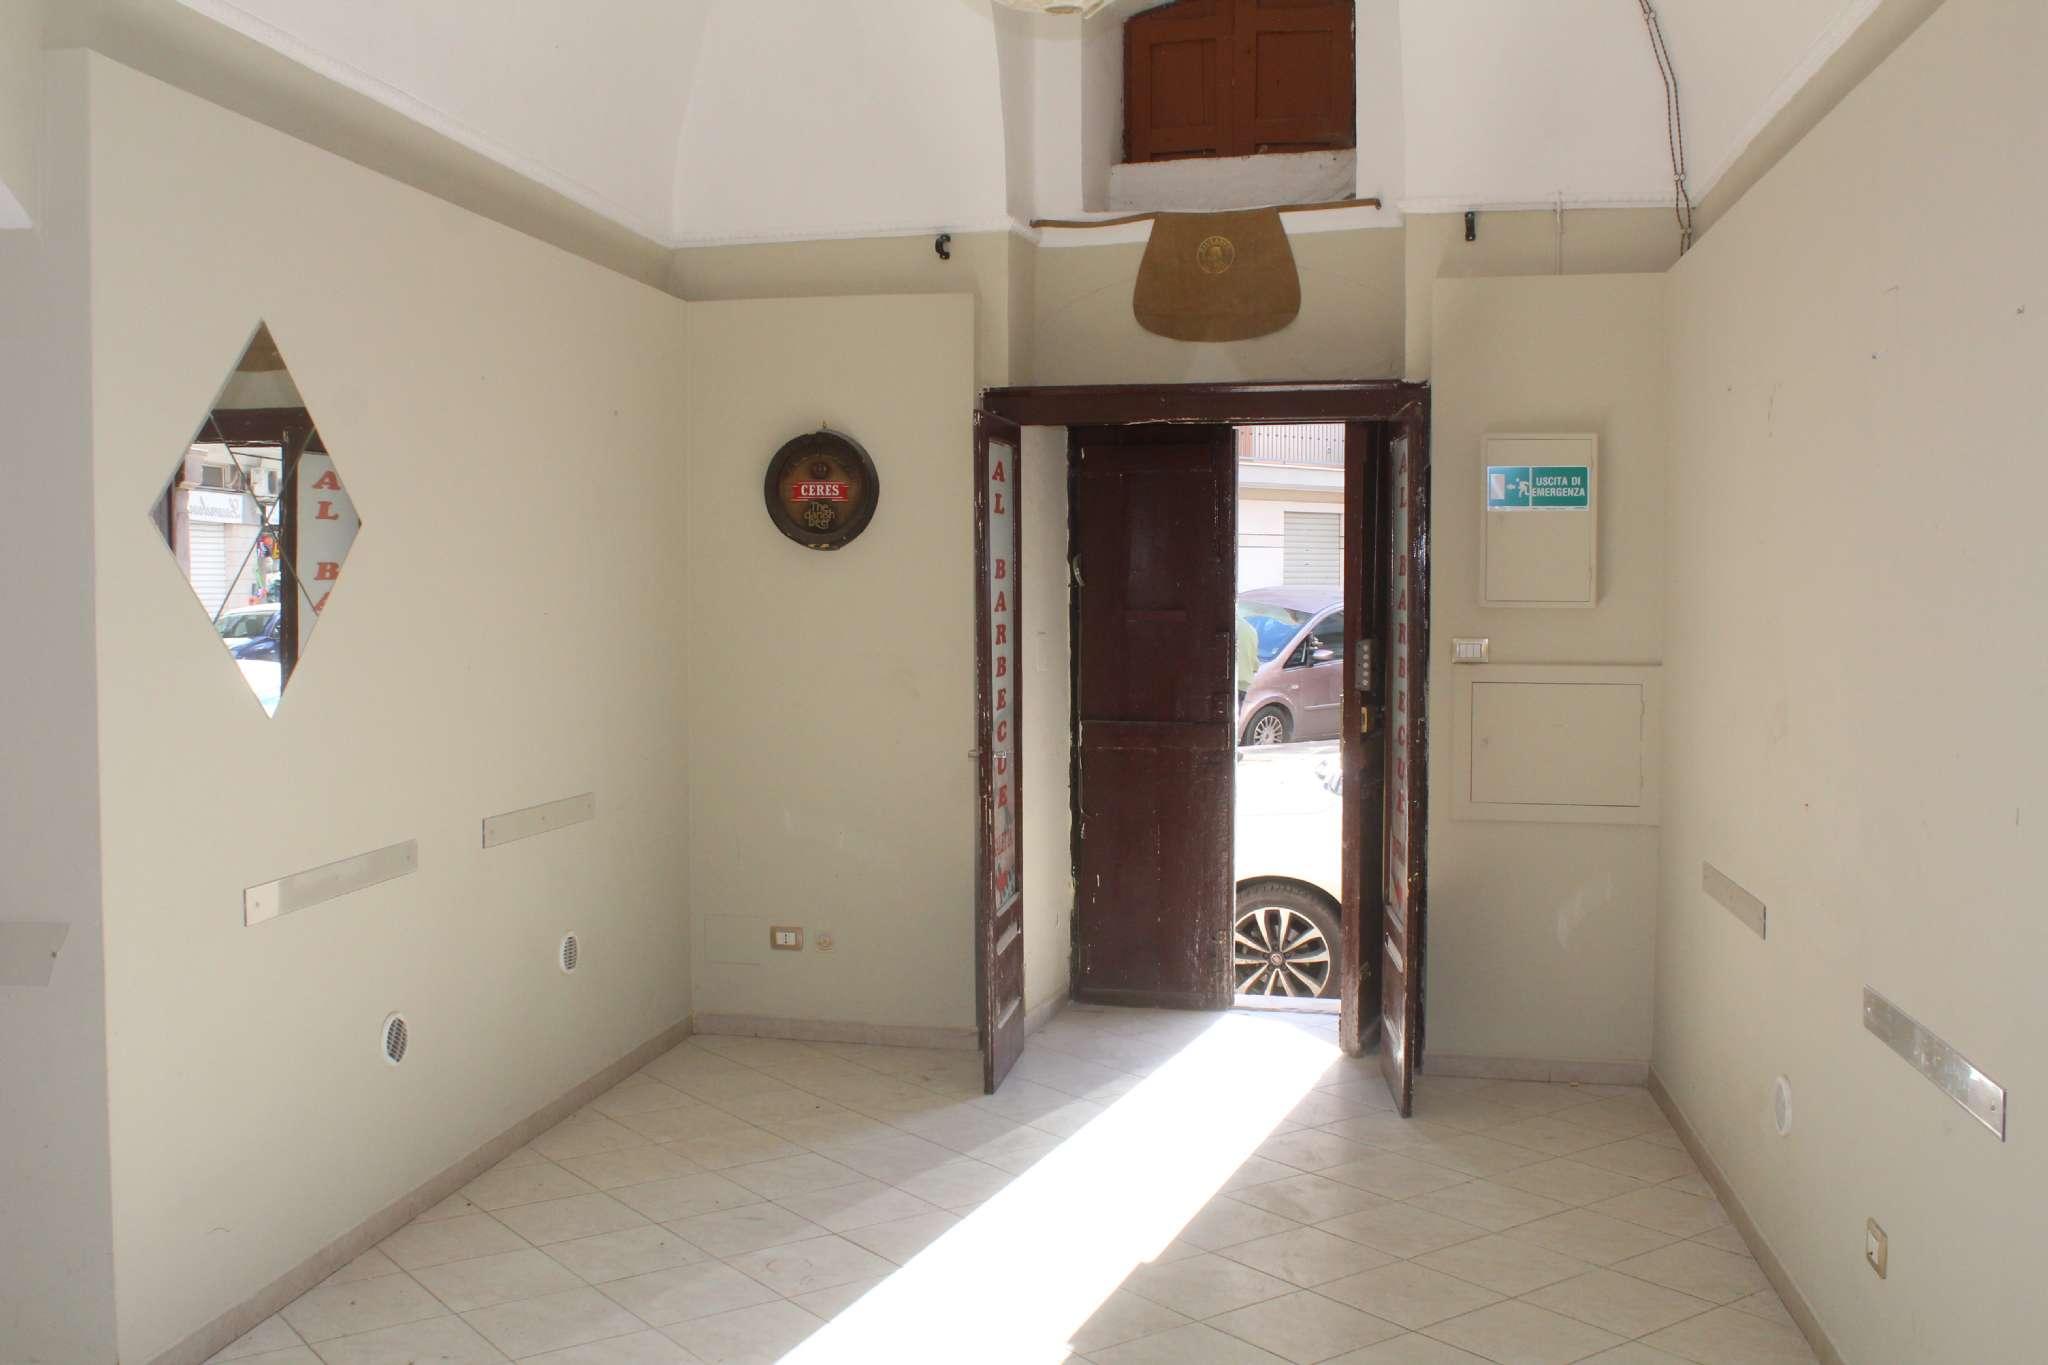 Negozio / Locale in vendita a Andria, 2 locali, prezzo € 53.000 | PortaleAgenzieImmobiliari.it